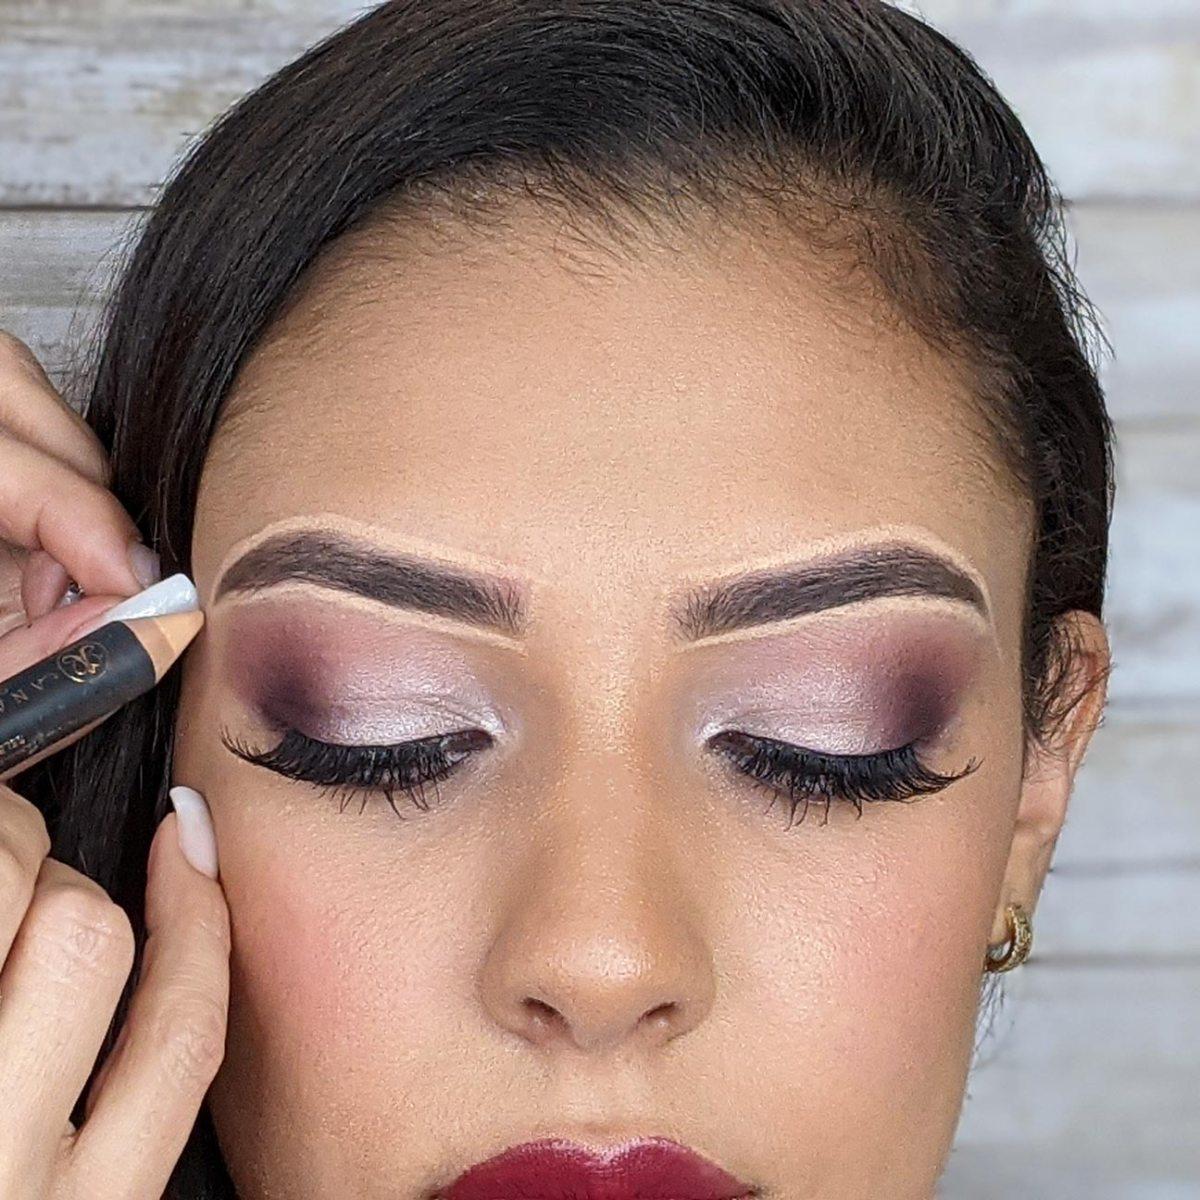 Eye Shadow & Eyebrow online course #2 2